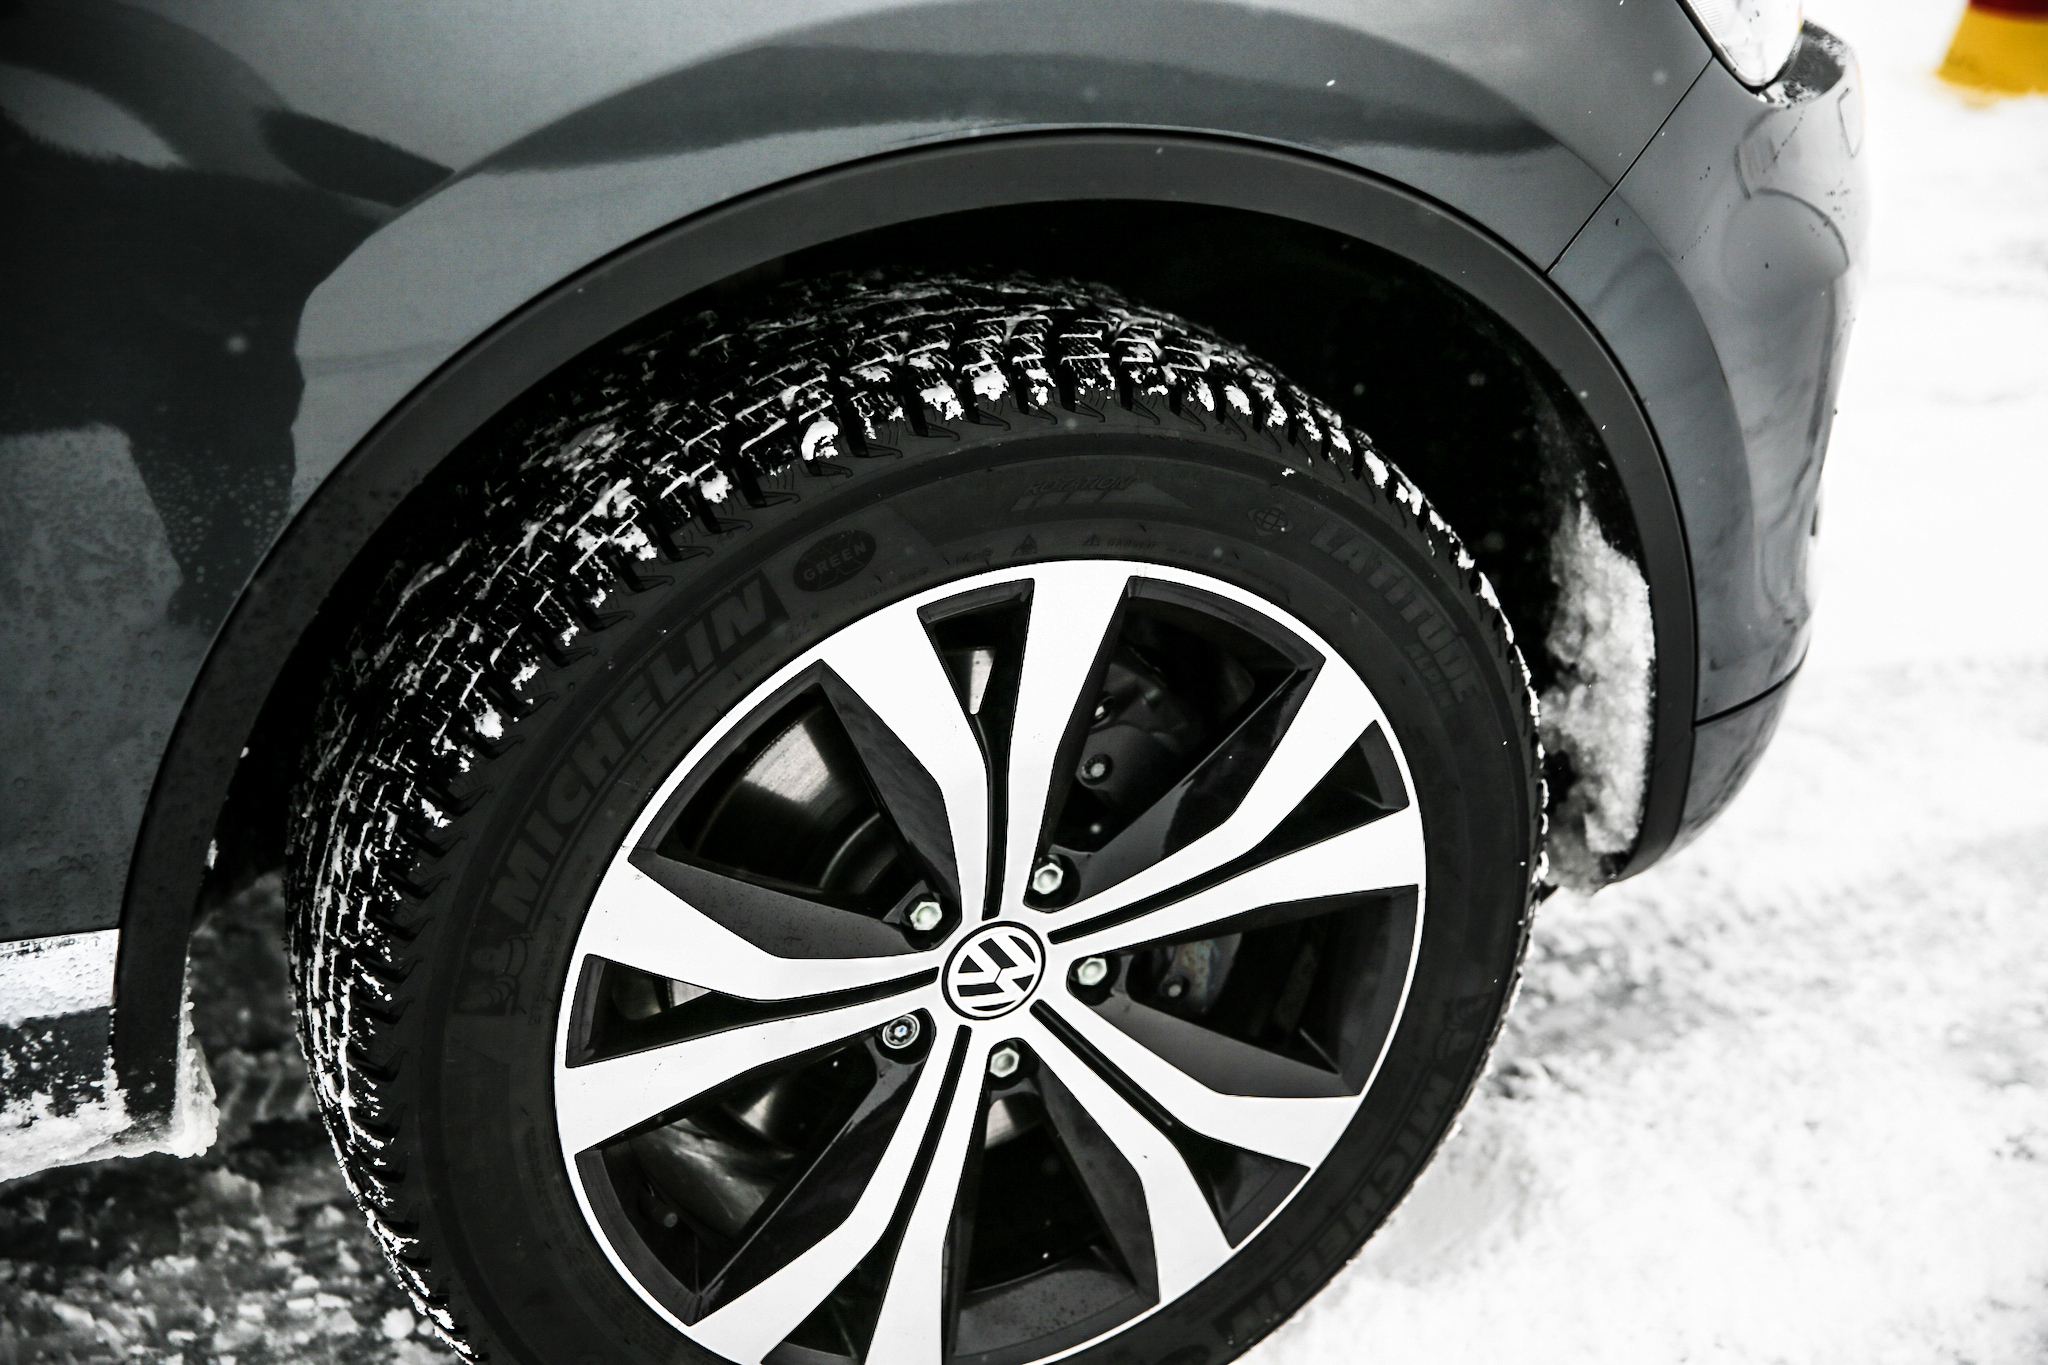 Winterreifen-Test Volkswagen Touareg 387